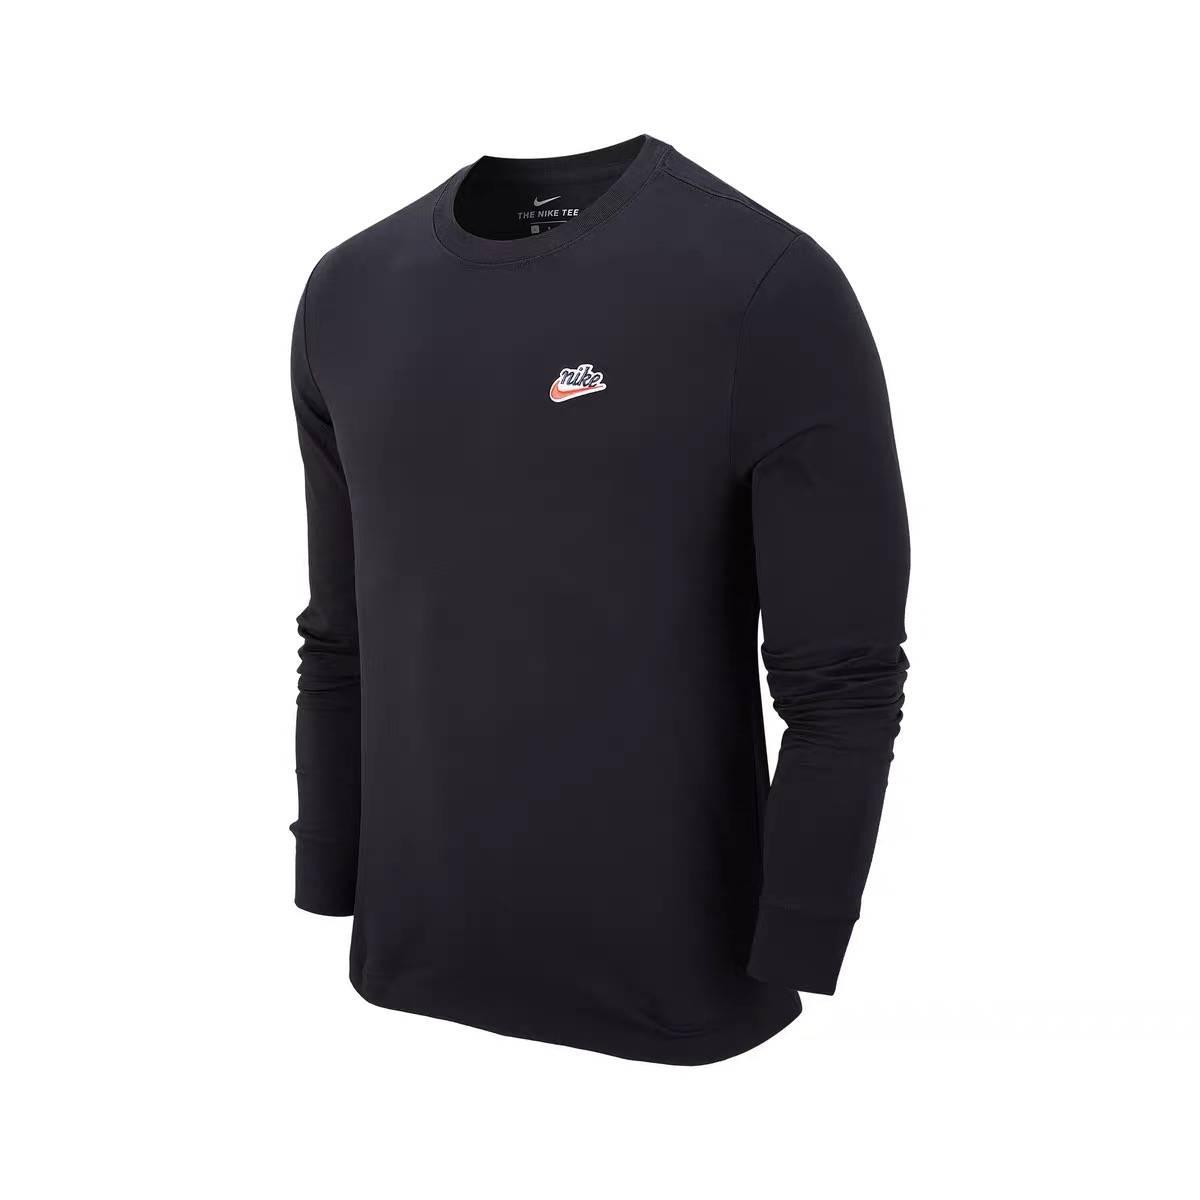 双11预售:Nike 耐克 SPORTSWEAR HERITAGE 男子长袖T恤 CZ5141 99元包邮(需用券)